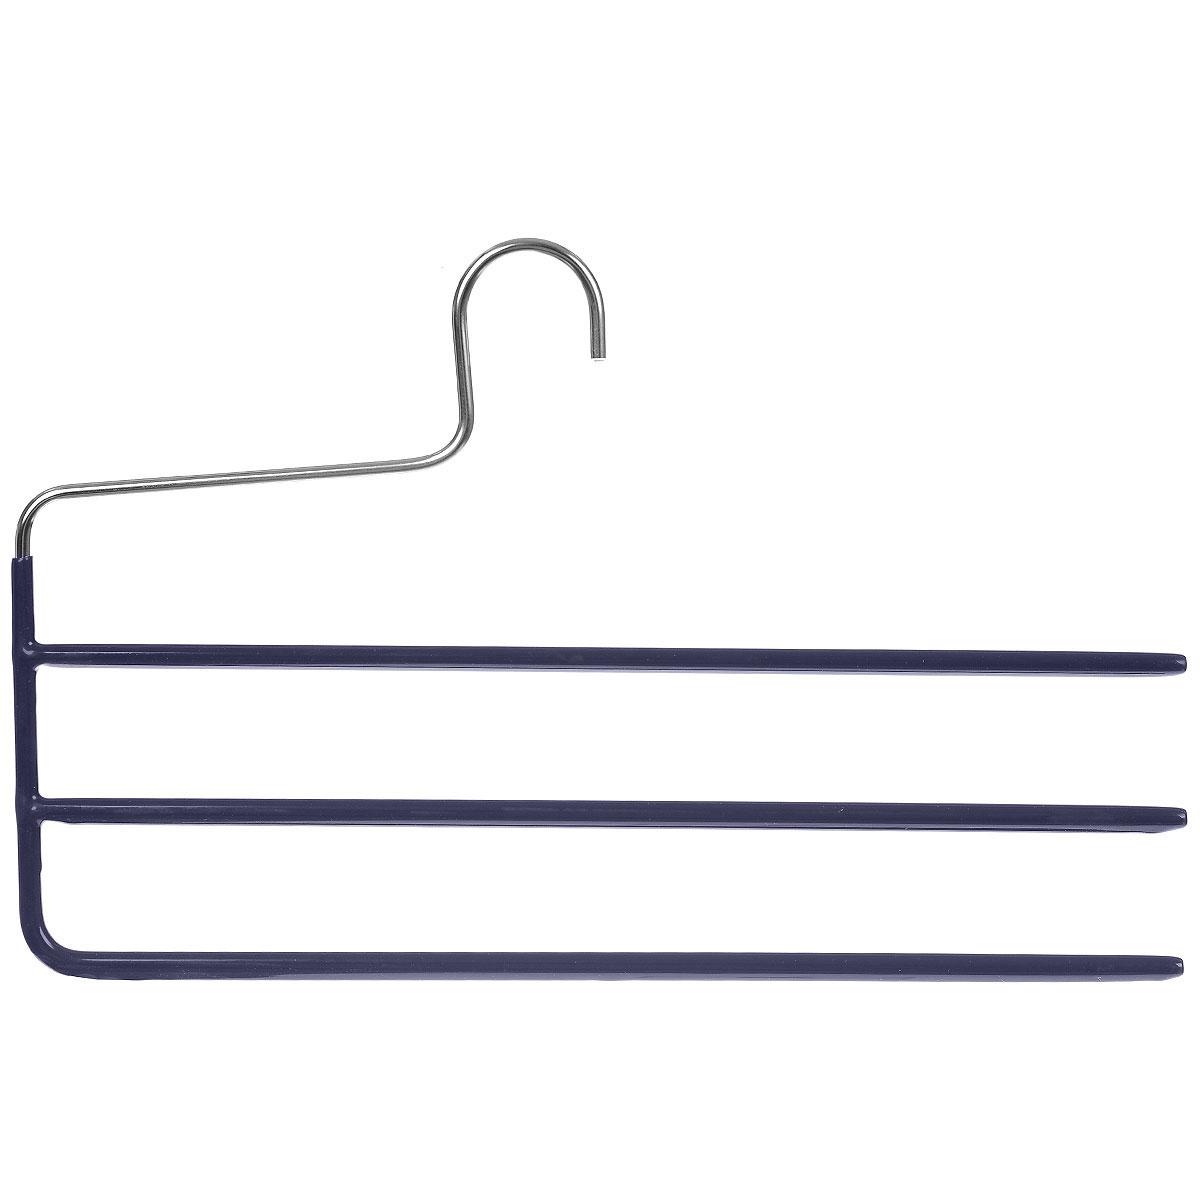 Вешалка для брюк Cosatto, цвет: темно-синий